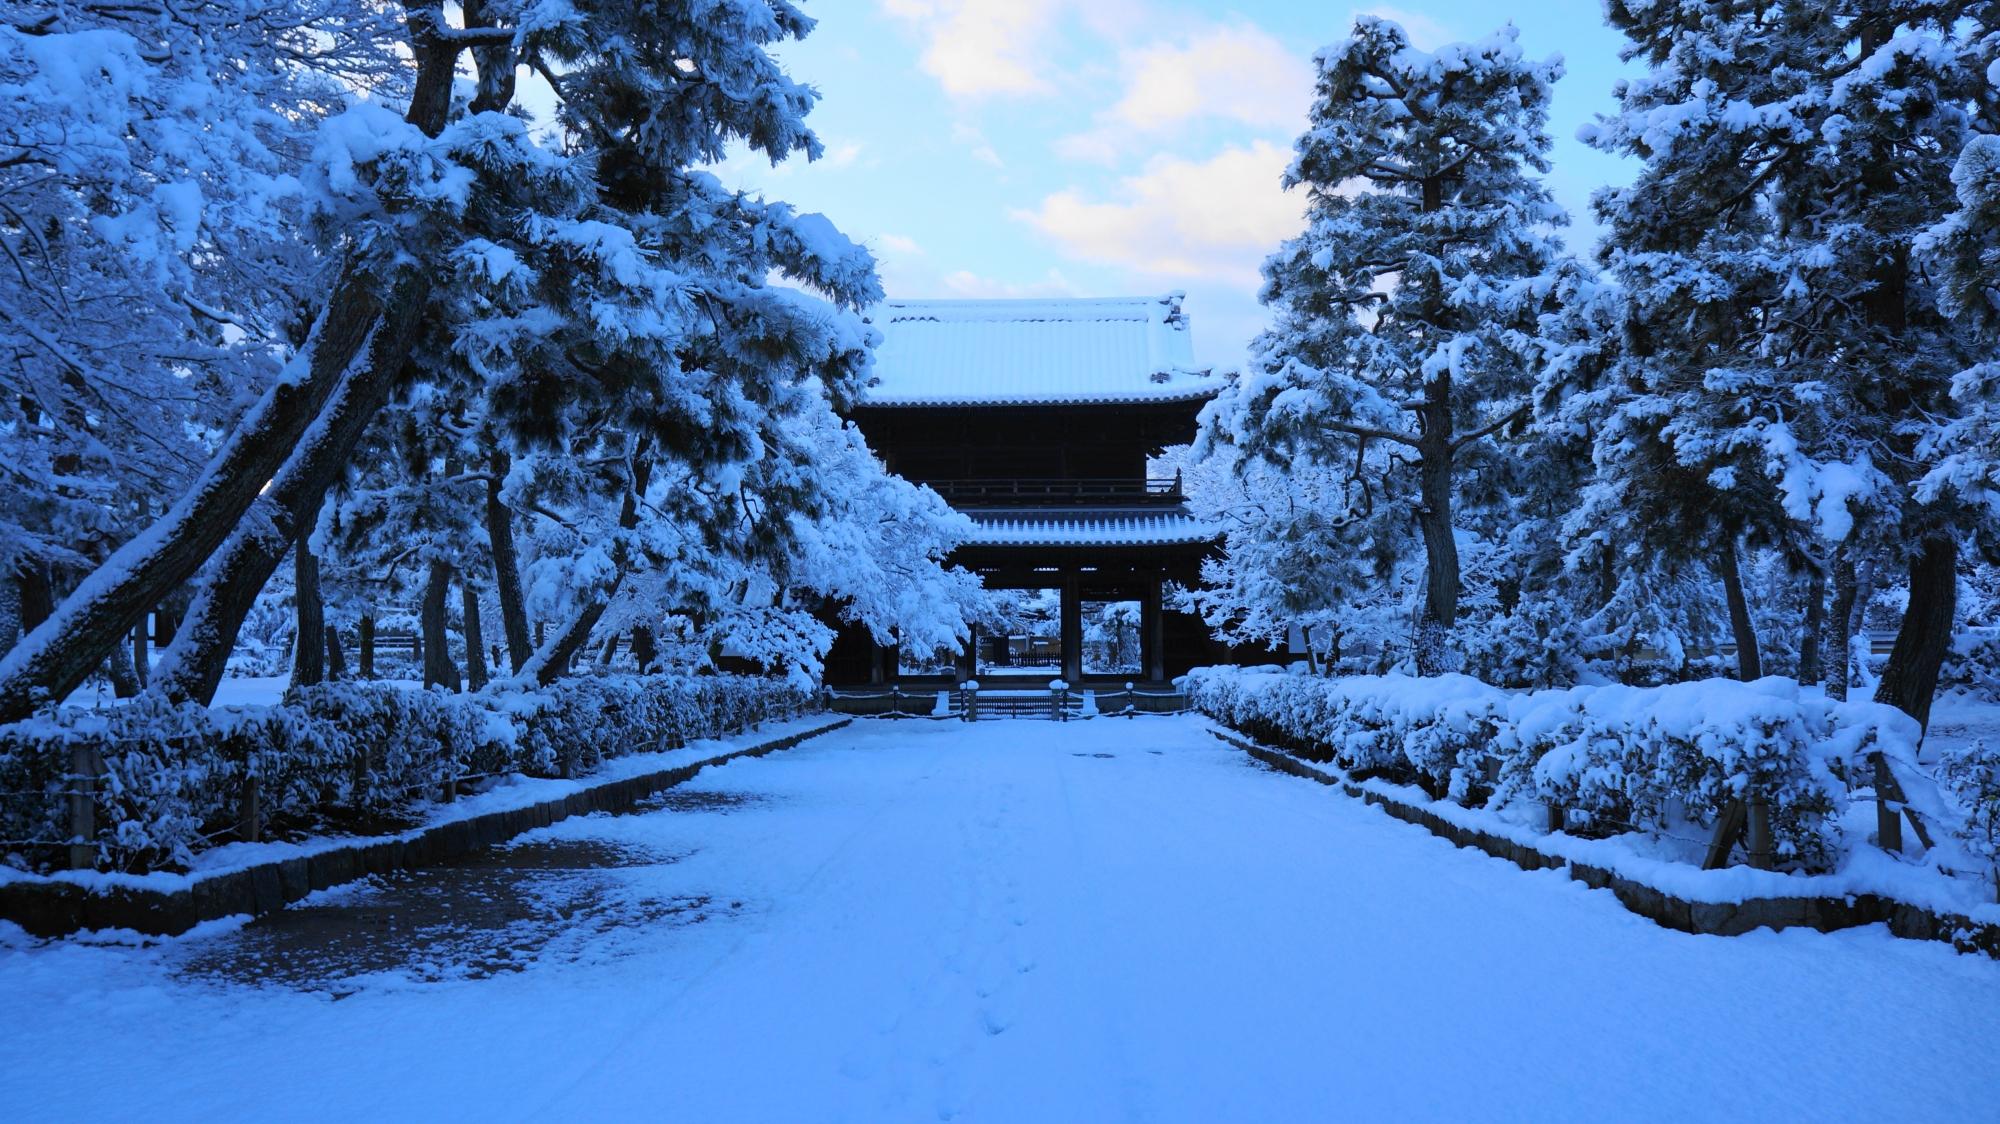 早朝の静まり返った境内の中に佇む雪の三門